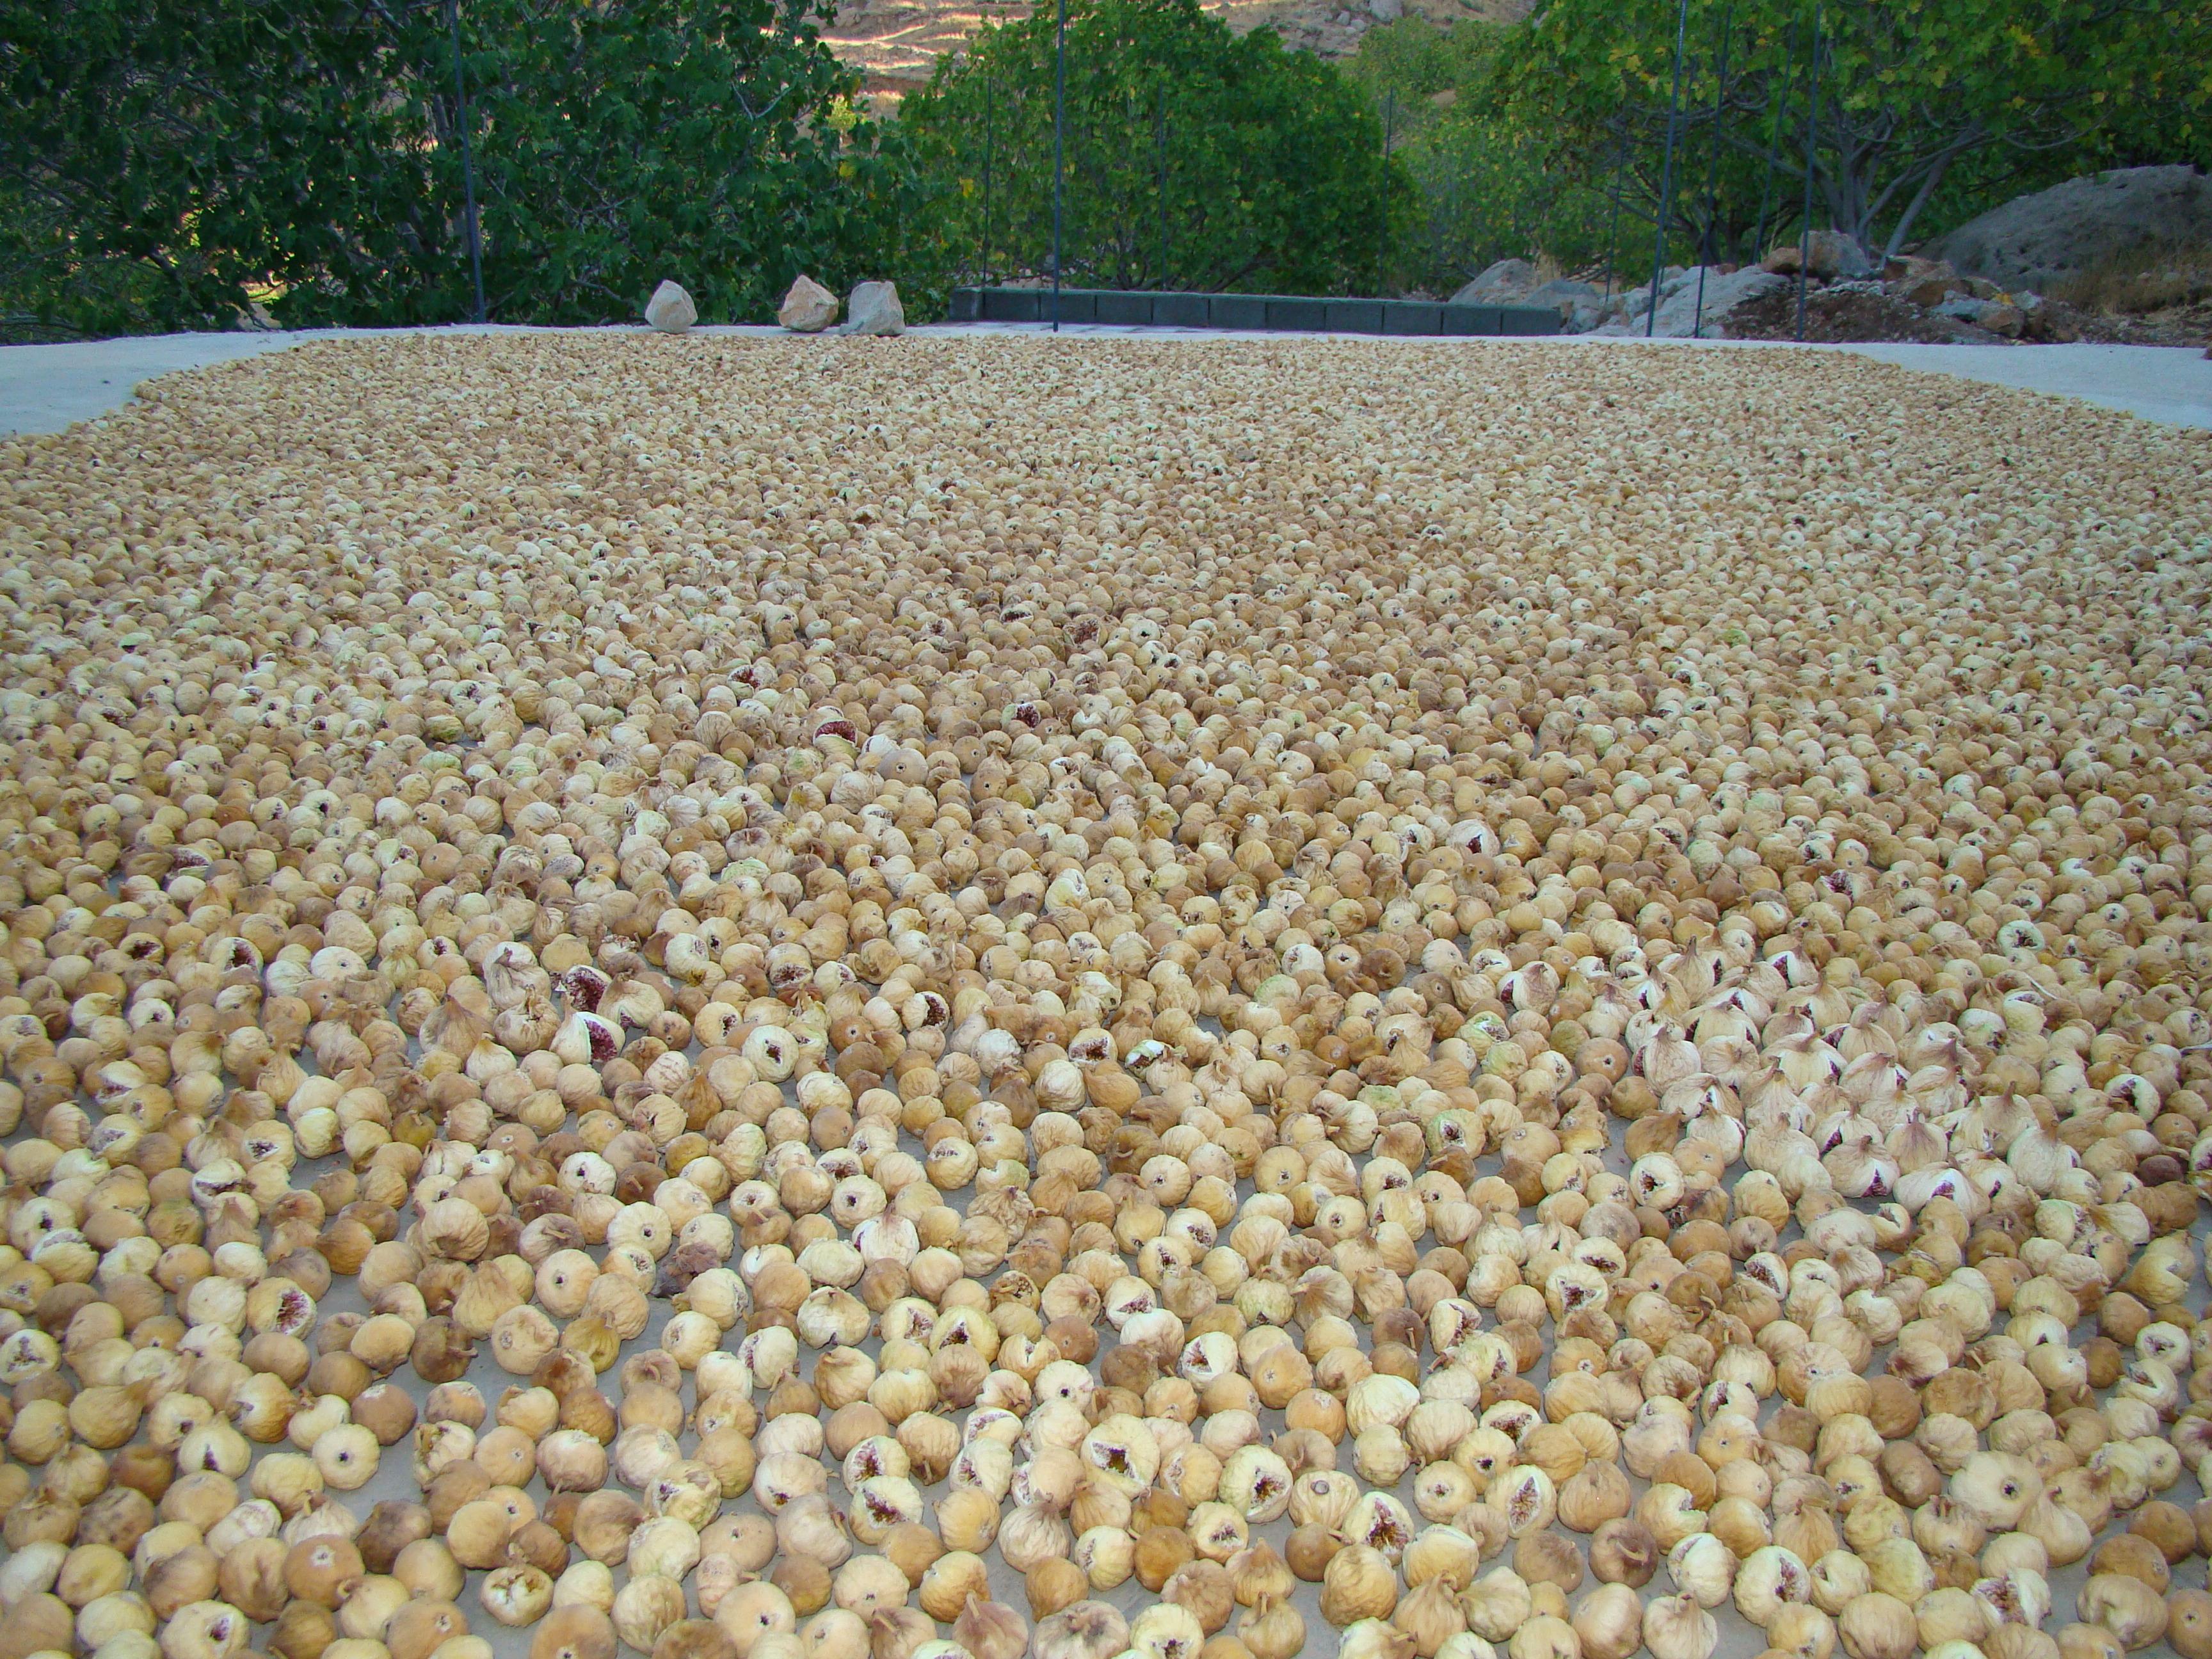 خشک کردن انجیر - Drying figs